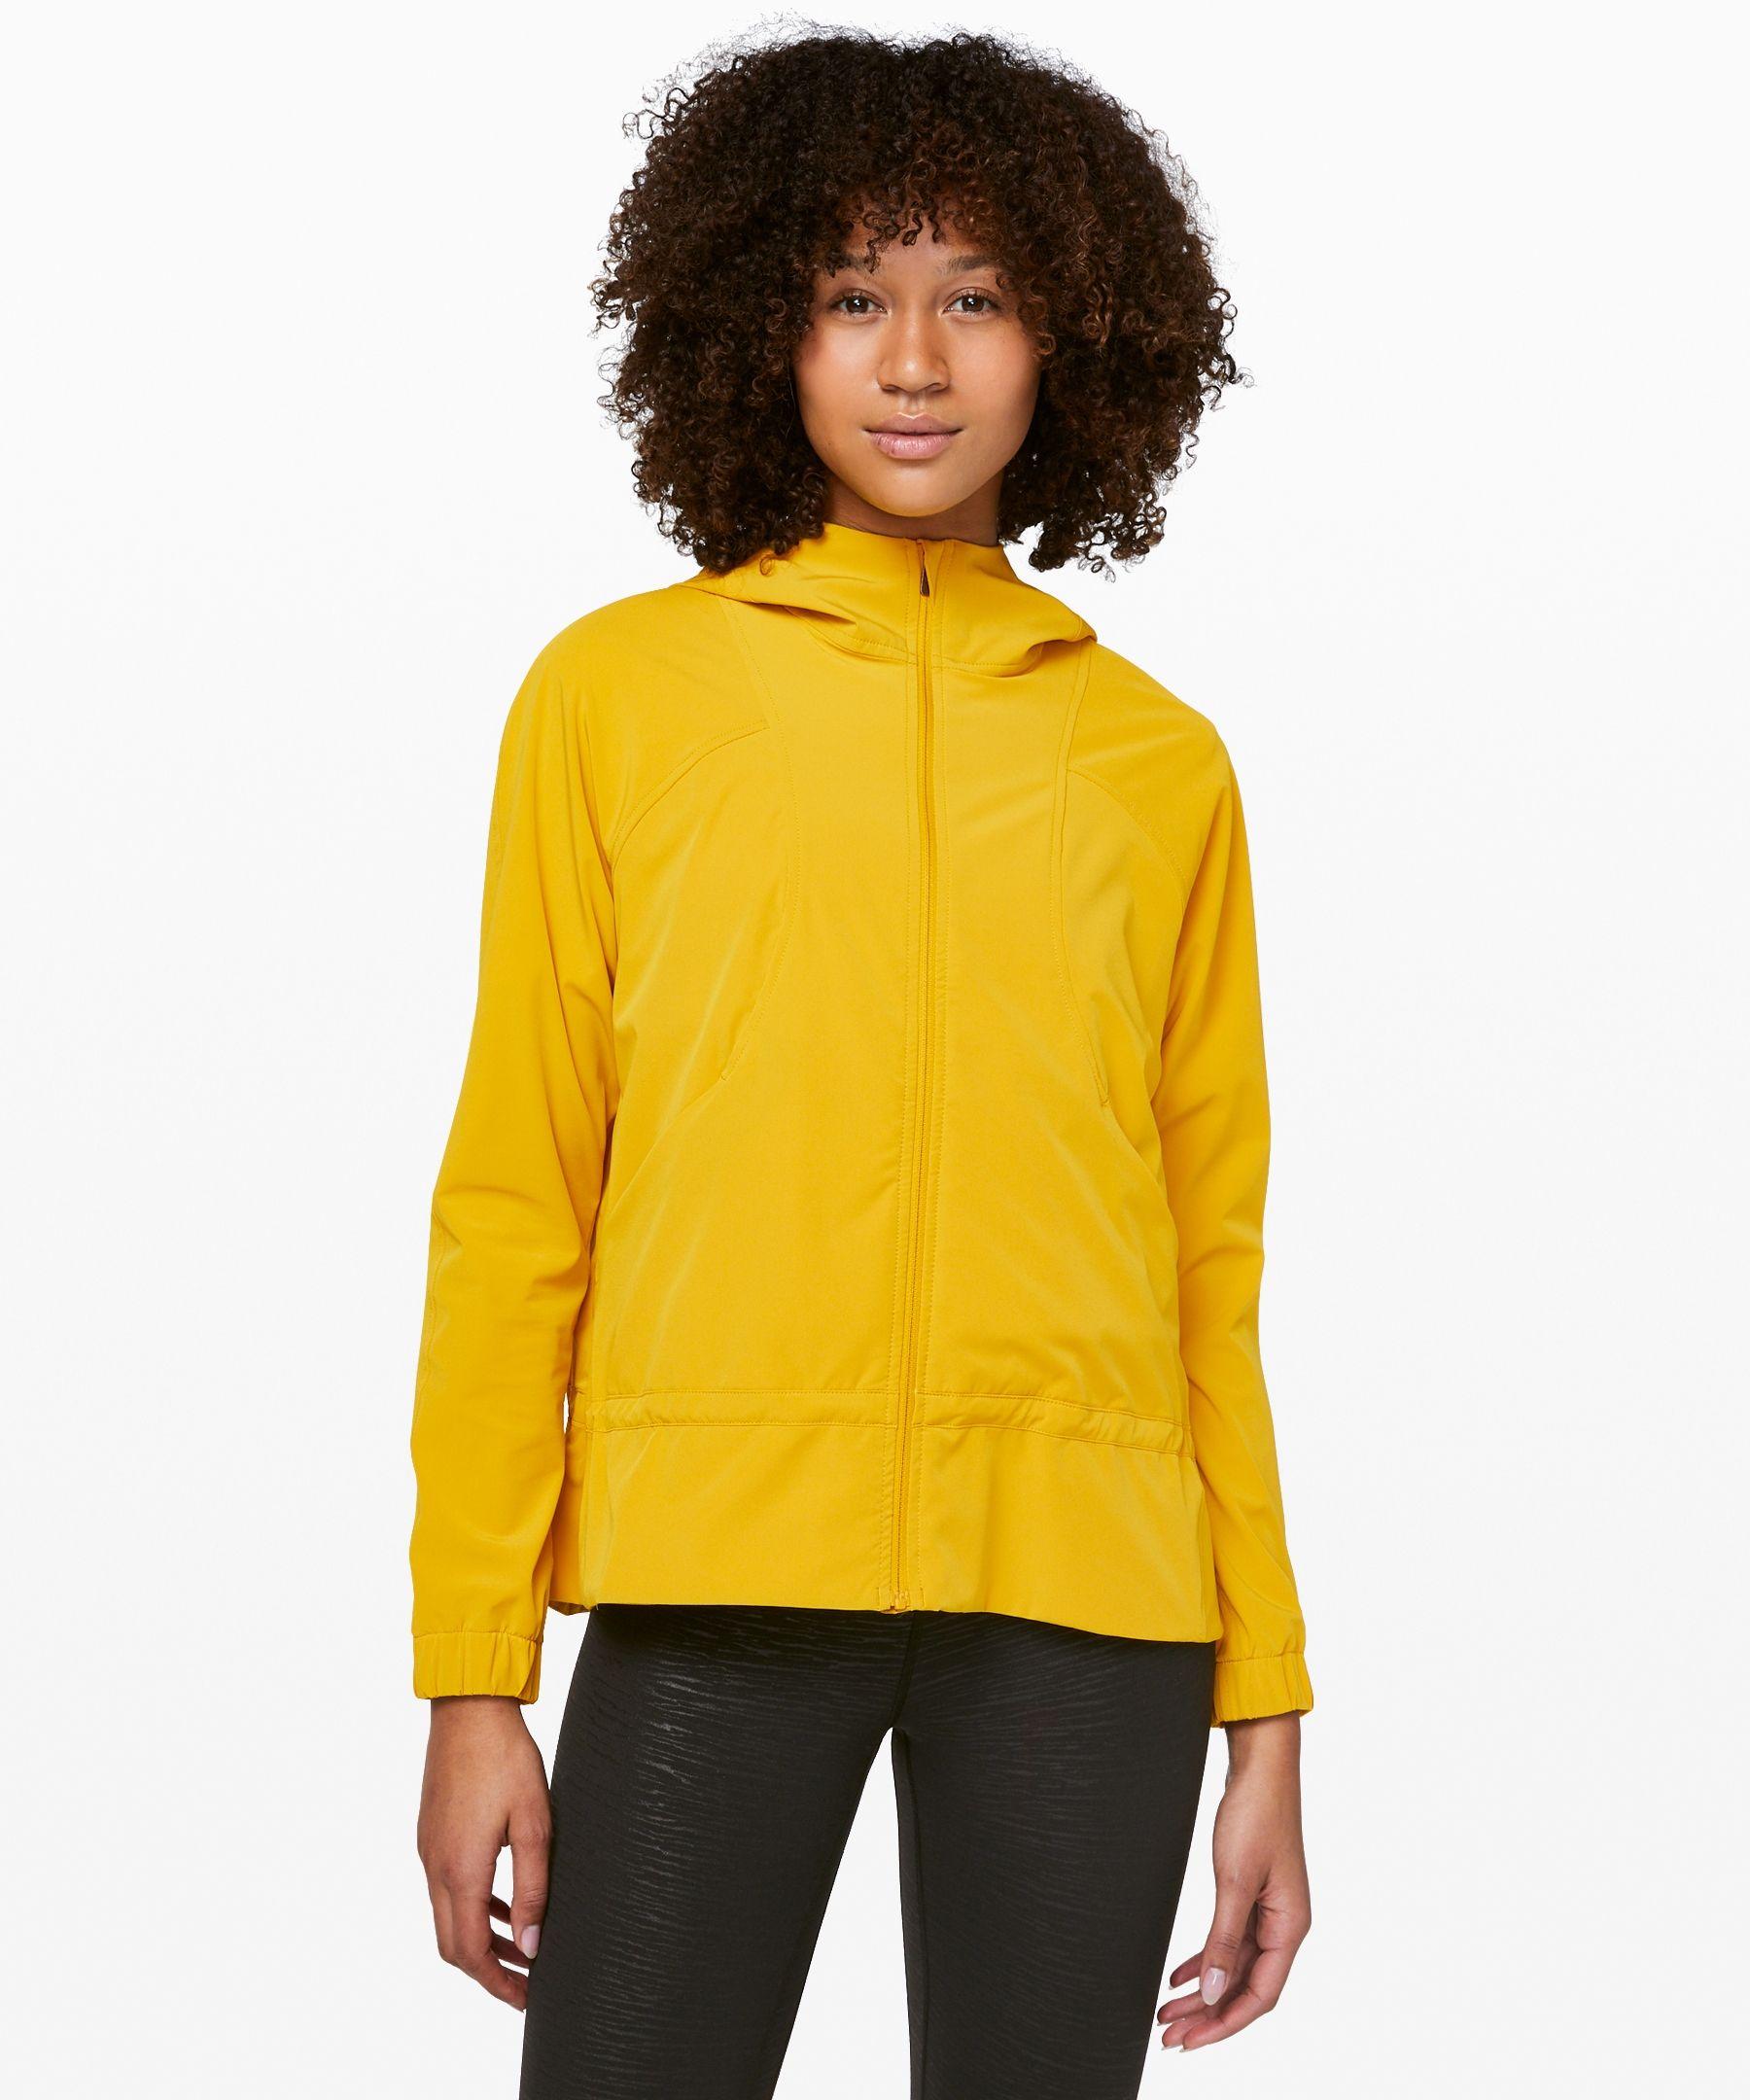 Pack It Up Jacket Women S Jackets Outerwear Lululemon Jackets For Women Jackets Outerwear Jackets [ 2160 x 1800 Pixel ]